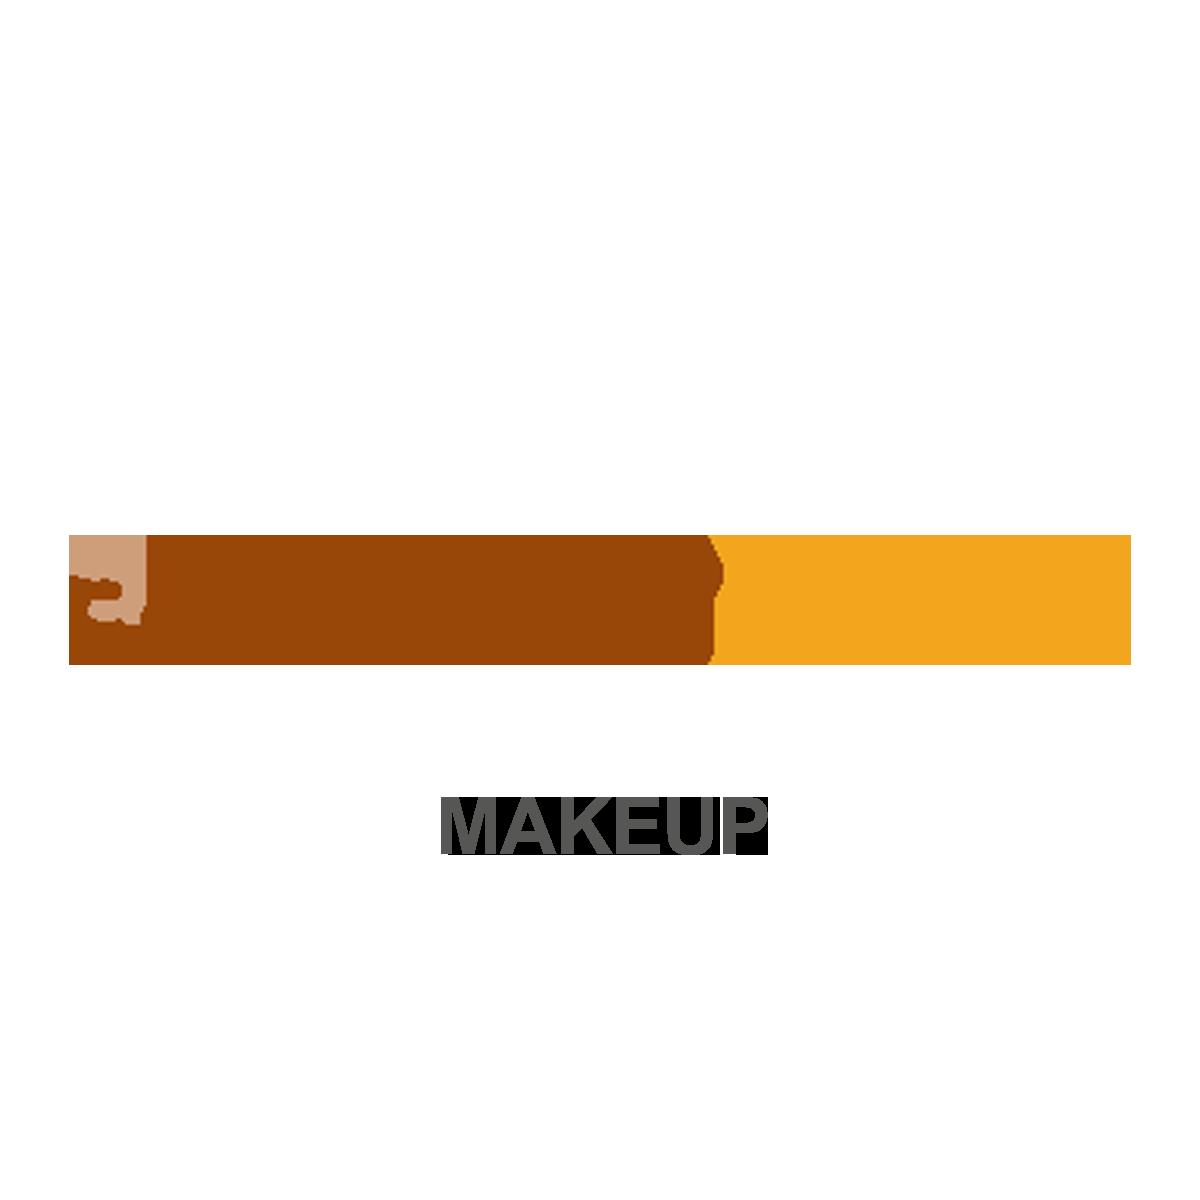 EXFOLIA - make up